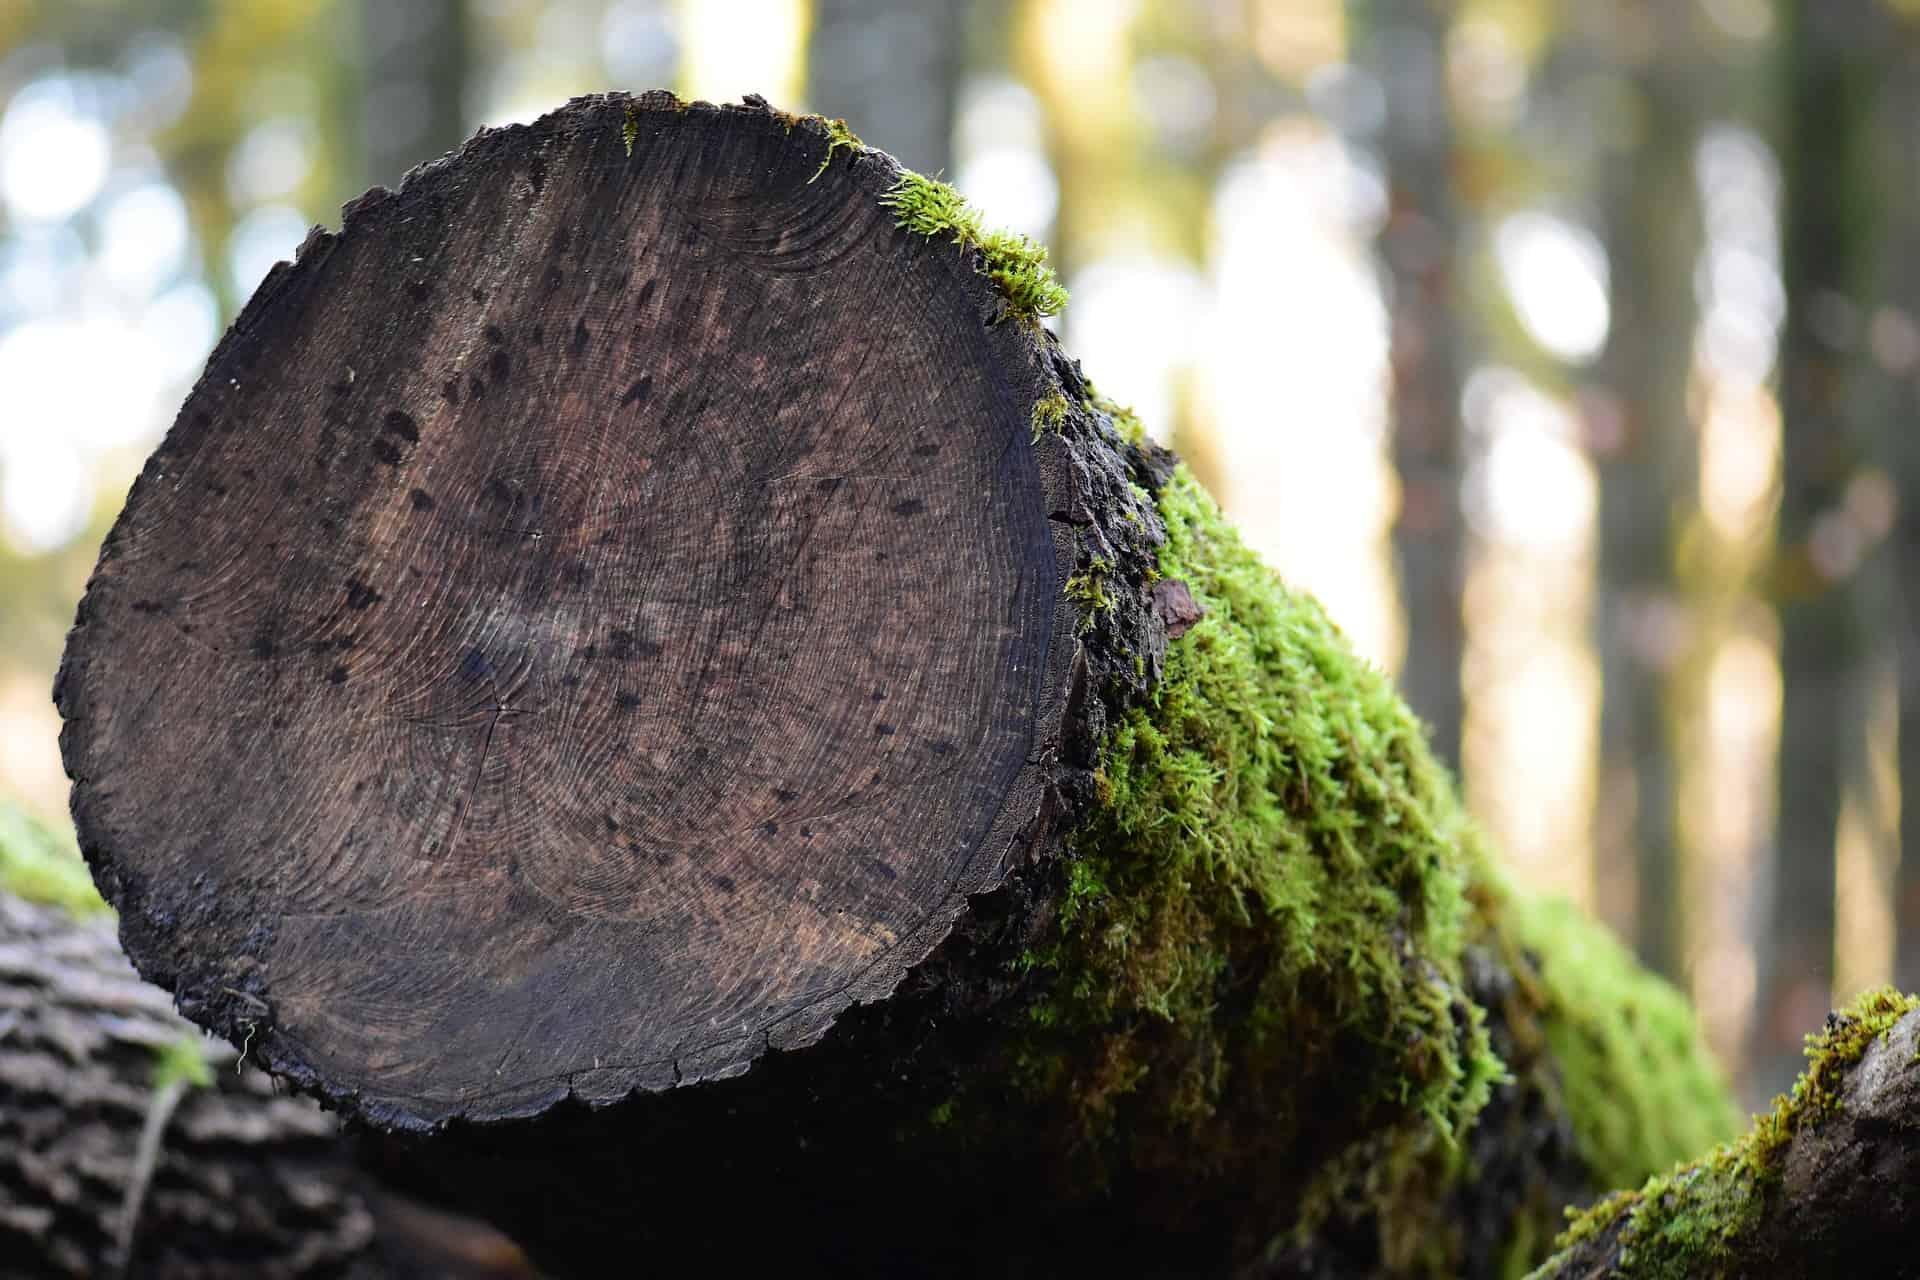 Hoe steekt de fysiologie van een boom in elkaar?